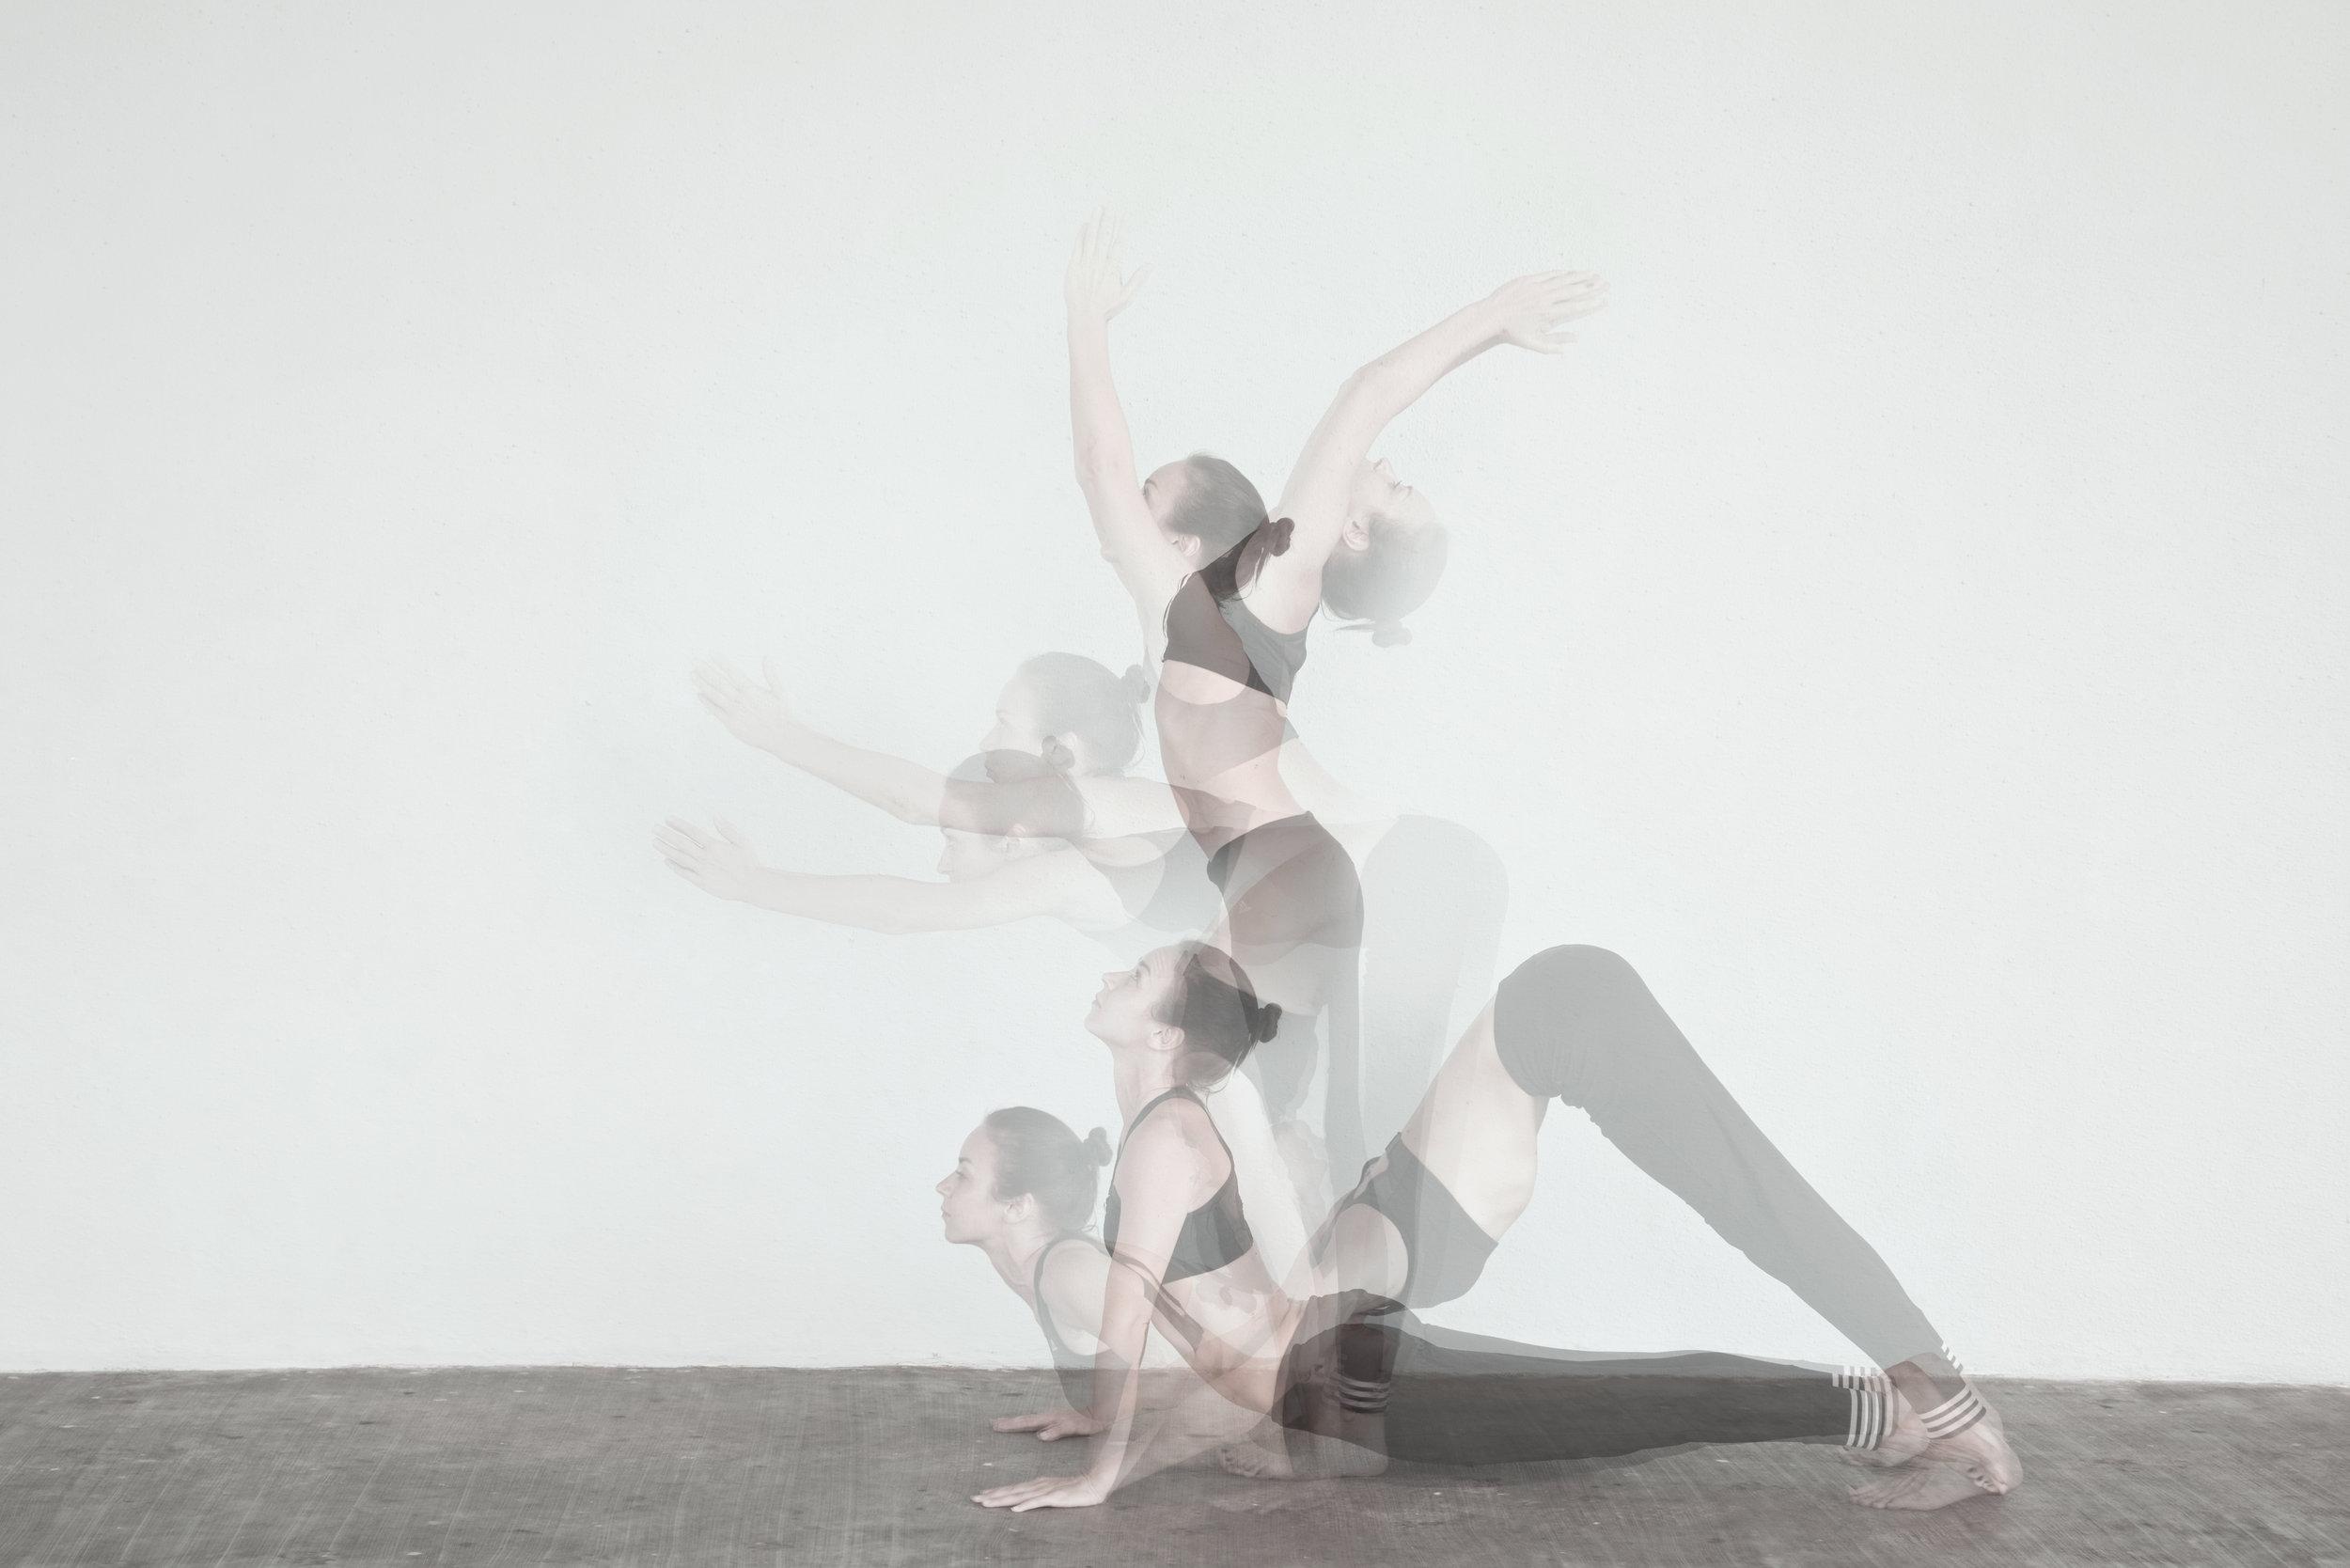 sivapura-yoga-ayurveda-total-health-retreat